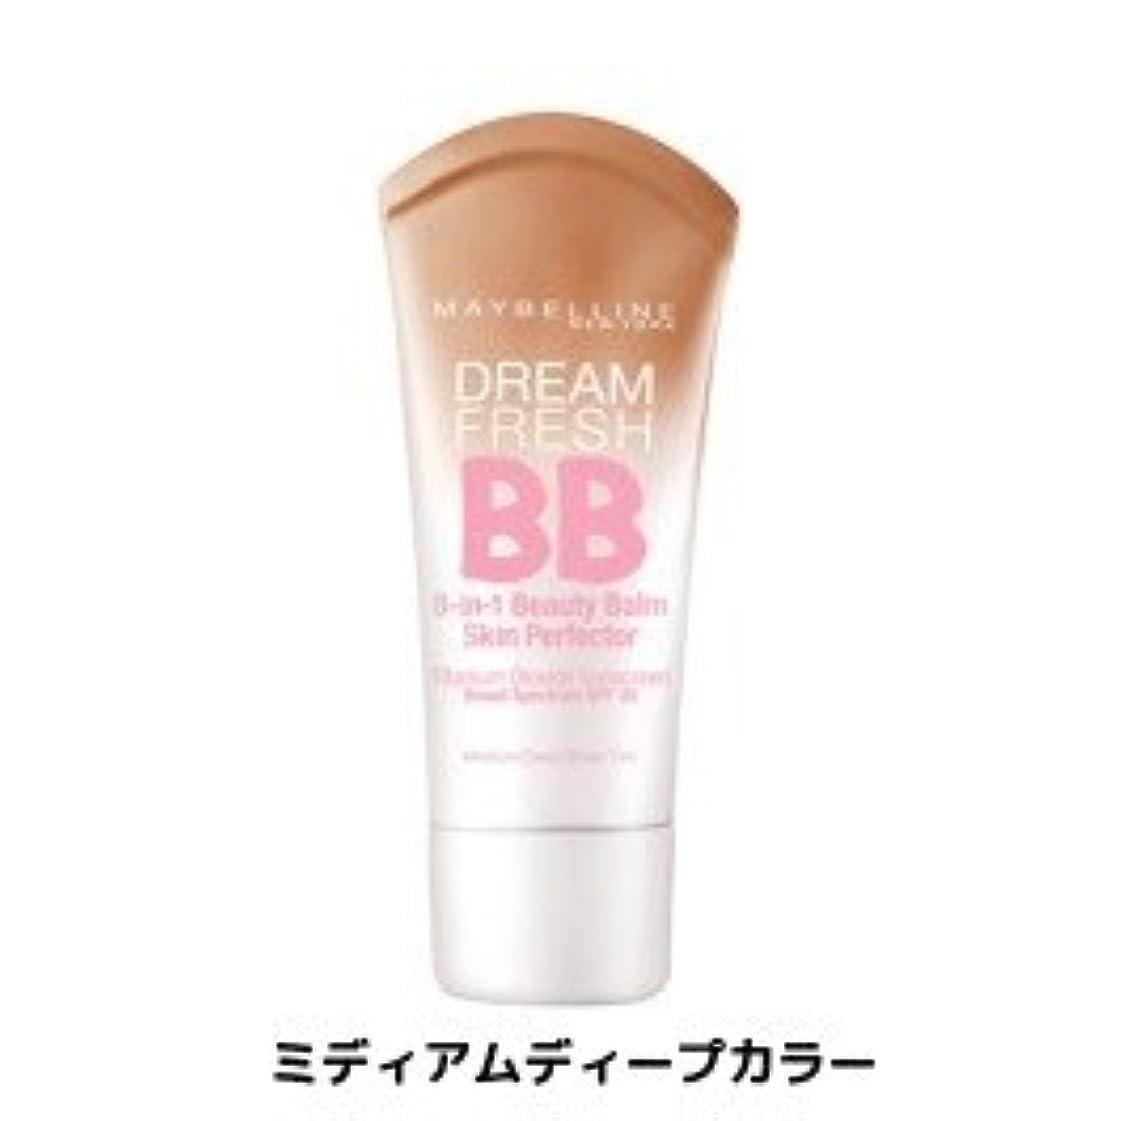 唯物論便利さ暴露メイベリン BBクリーム  SPF 30*Maybelline Dream Fresh BB Cream 30ml【平行輸入品】 (ミディアムディープカラー)